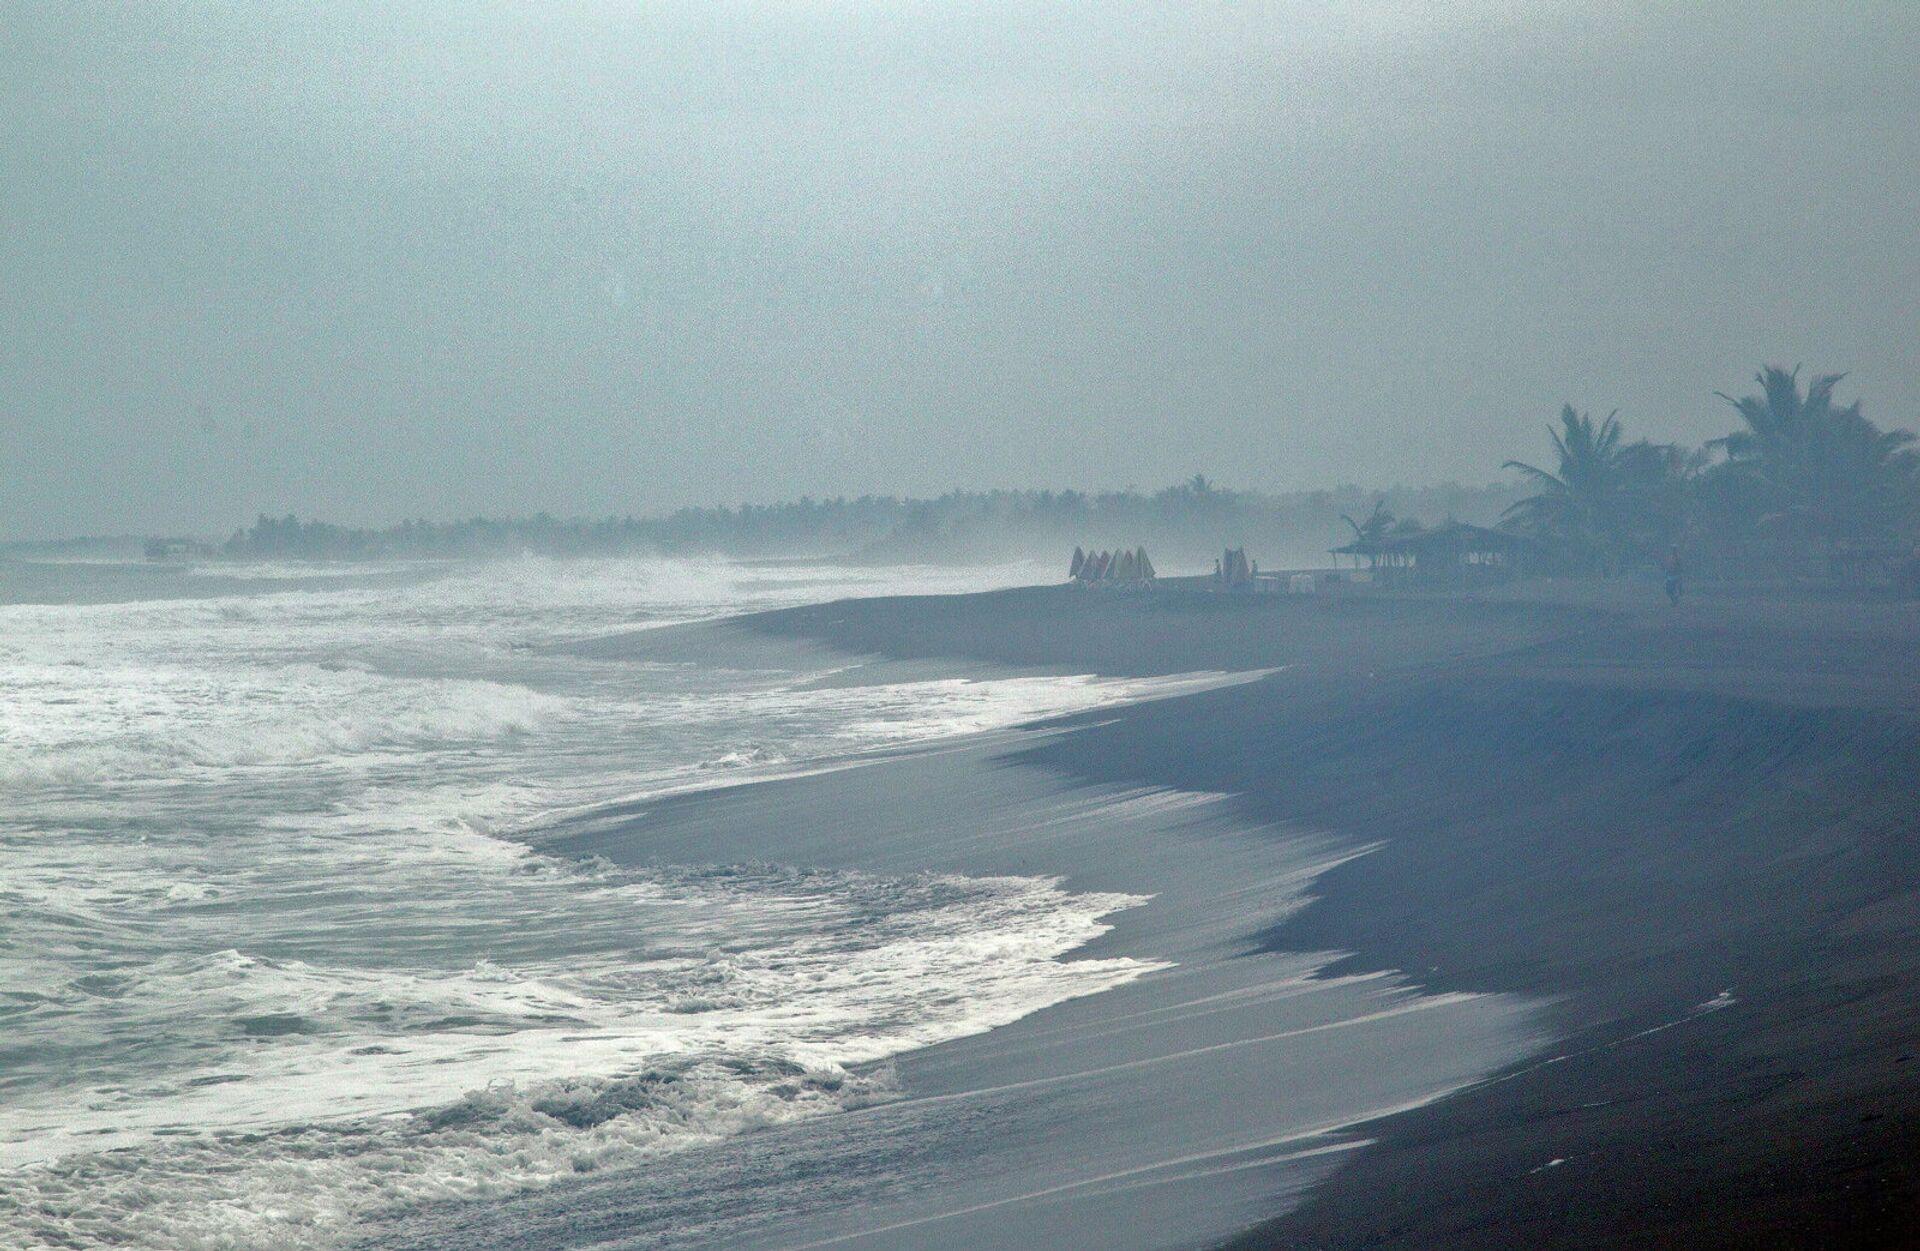 Волны, вызванные приближением урагана Патрисия к тихоокеанскому побережью Мексики - РИА Новости, 1920, 22.12.2020